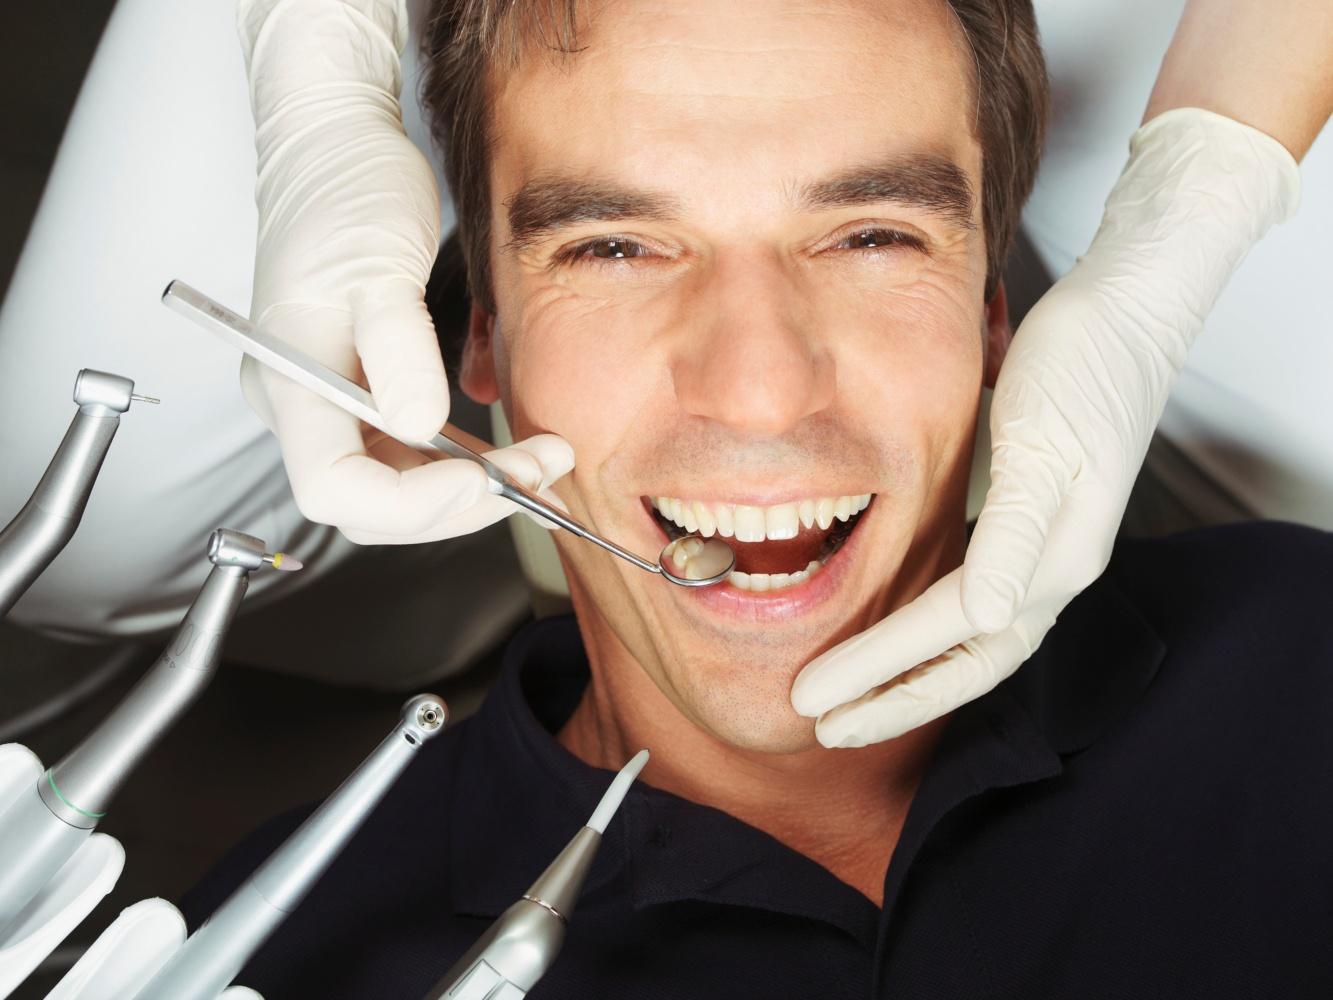 clínicas dentárias low cost